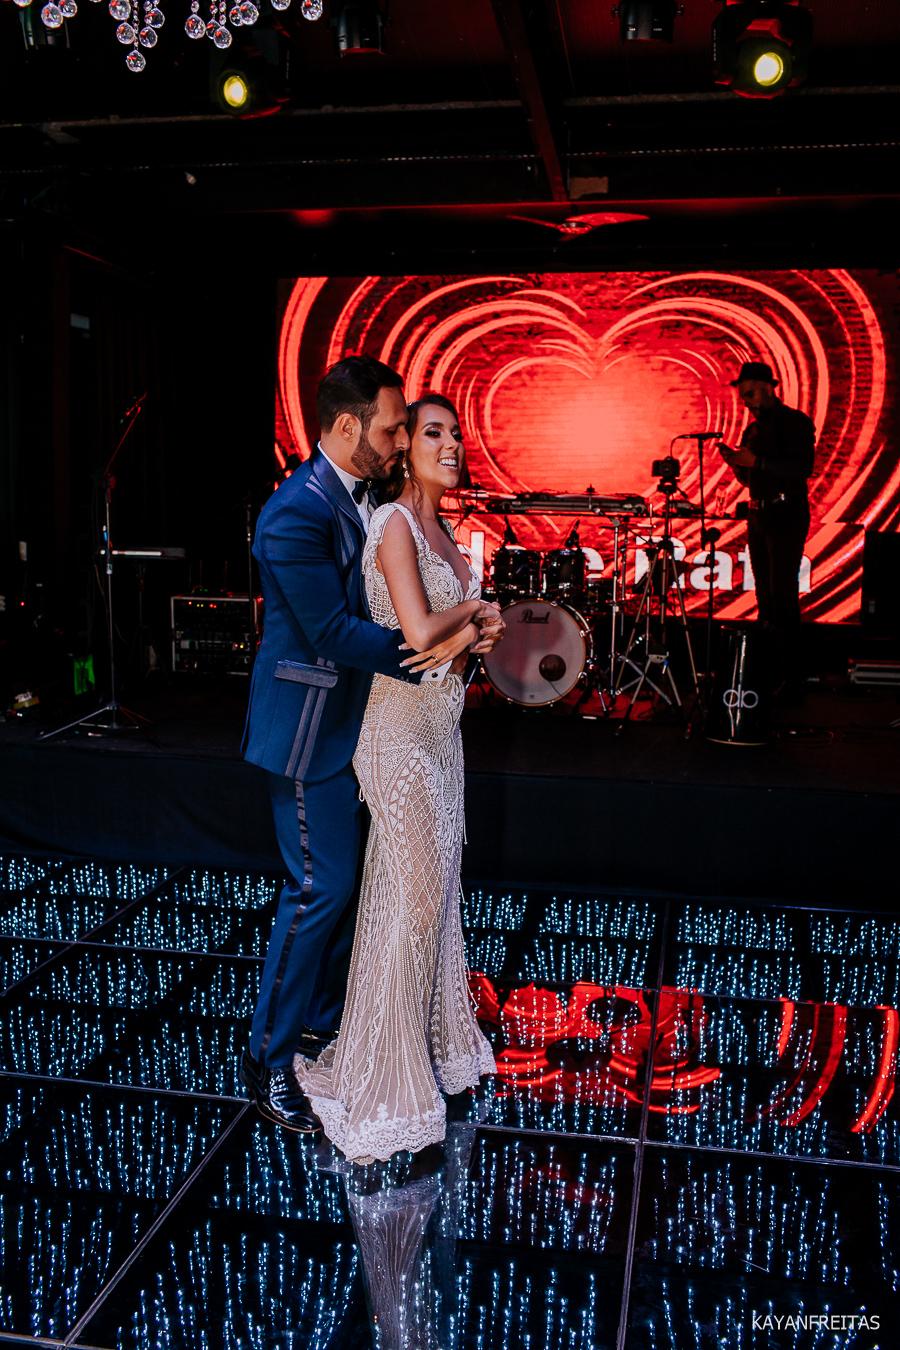 casamento-buzz-clube-palhoca-rafaeduda-0113 Casamento Duda e Rafa - Buzz Creative Club - Palhoça